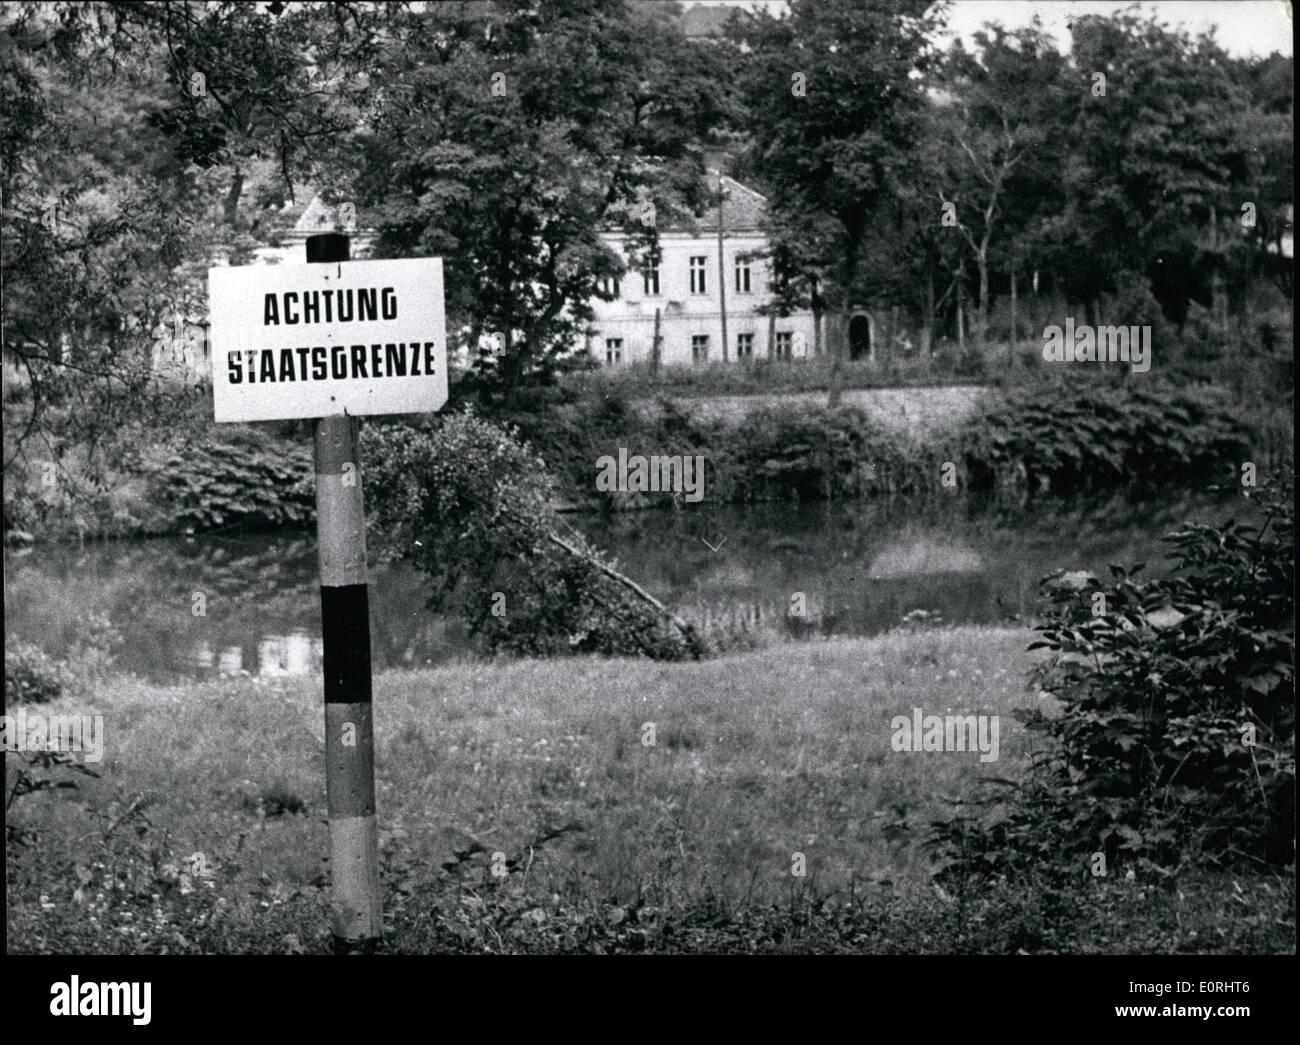 Sept 09 1959 Oder Neisse Grenze Ist Stateborder Vor 20